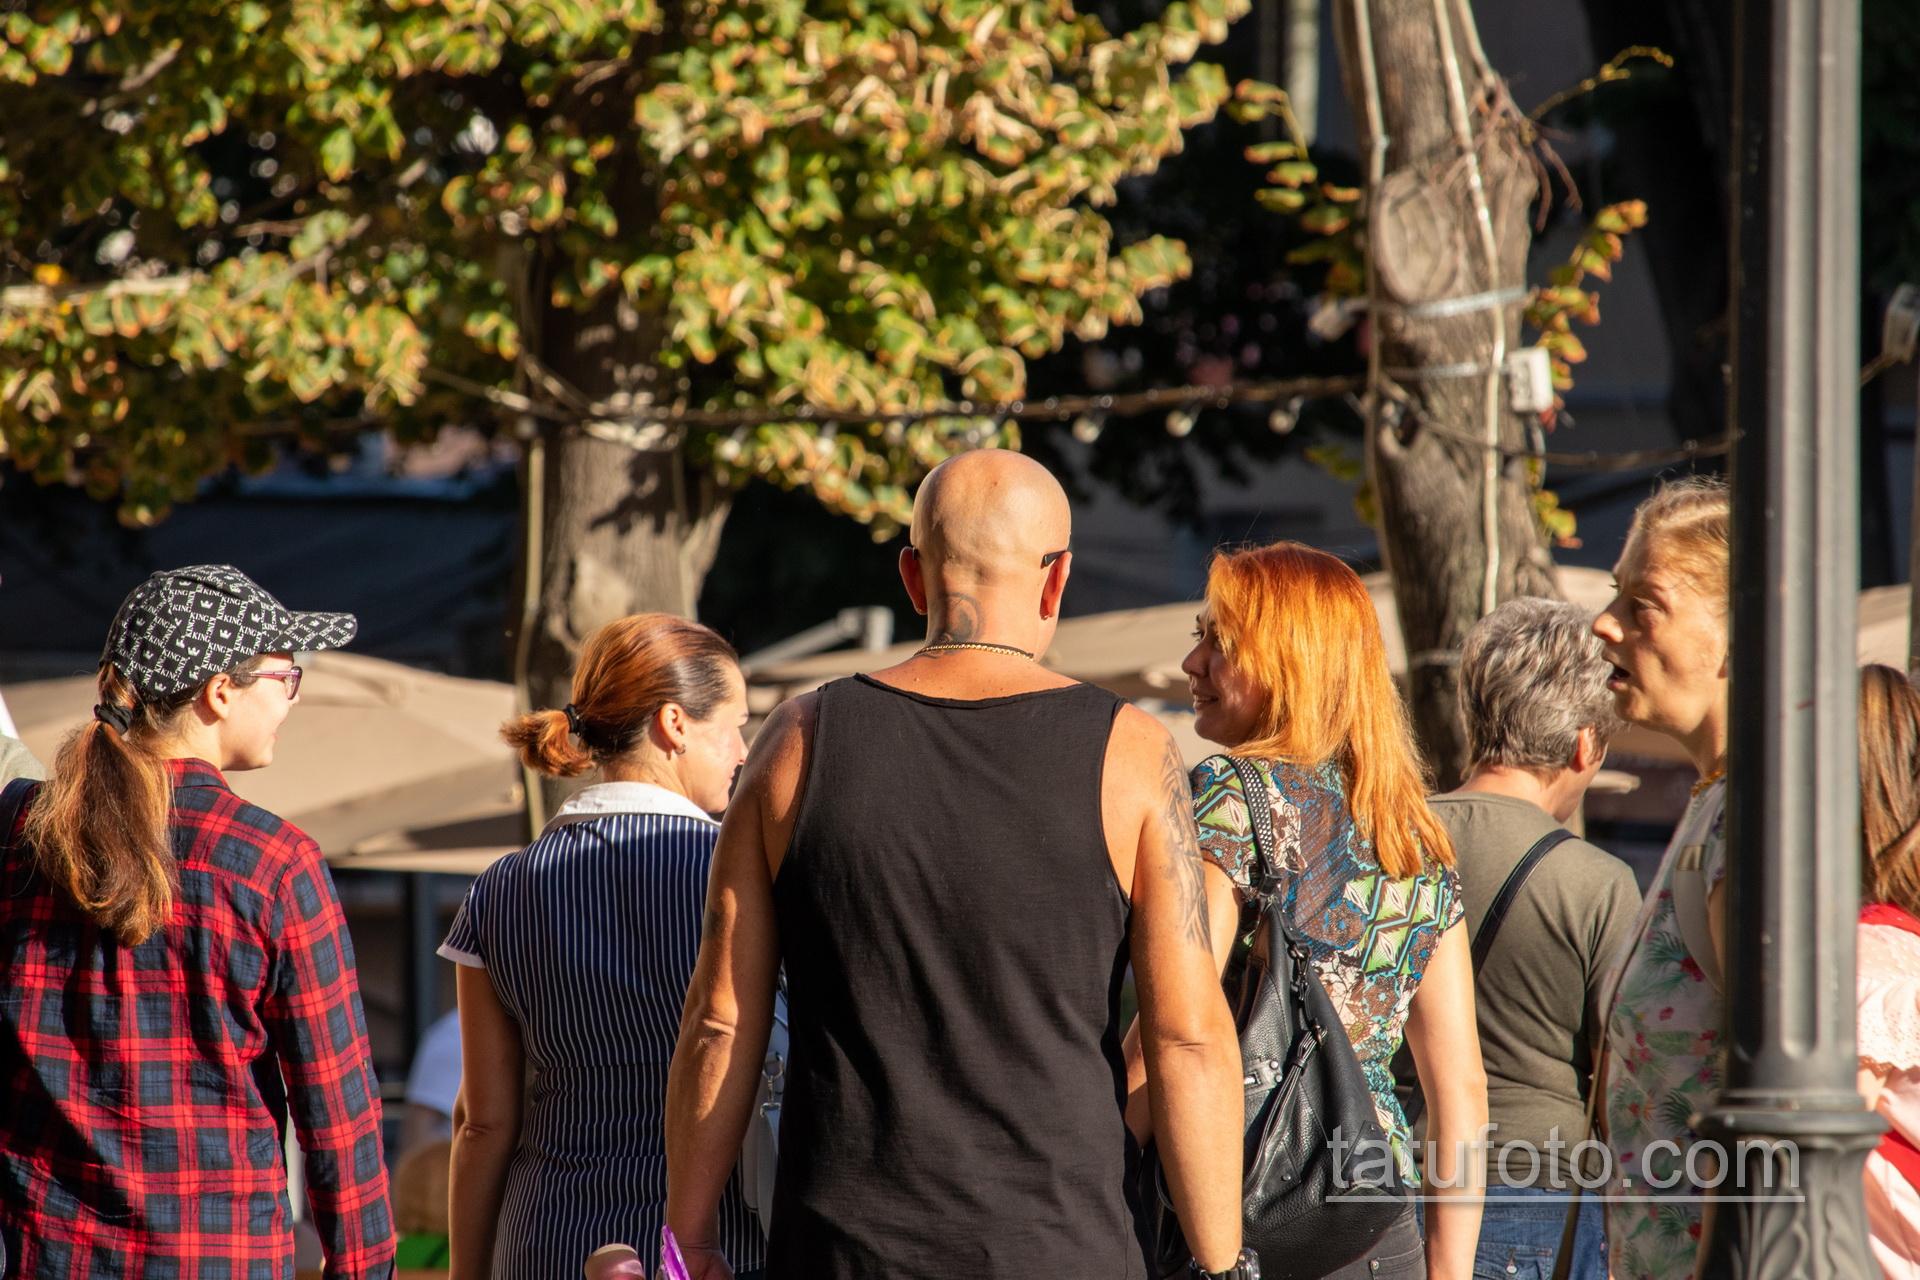 Татуировка со смертью которая показывает средний палец на правом плече мужчины – Уличная татуировка 14.09.2020 – tatufoto.com 8